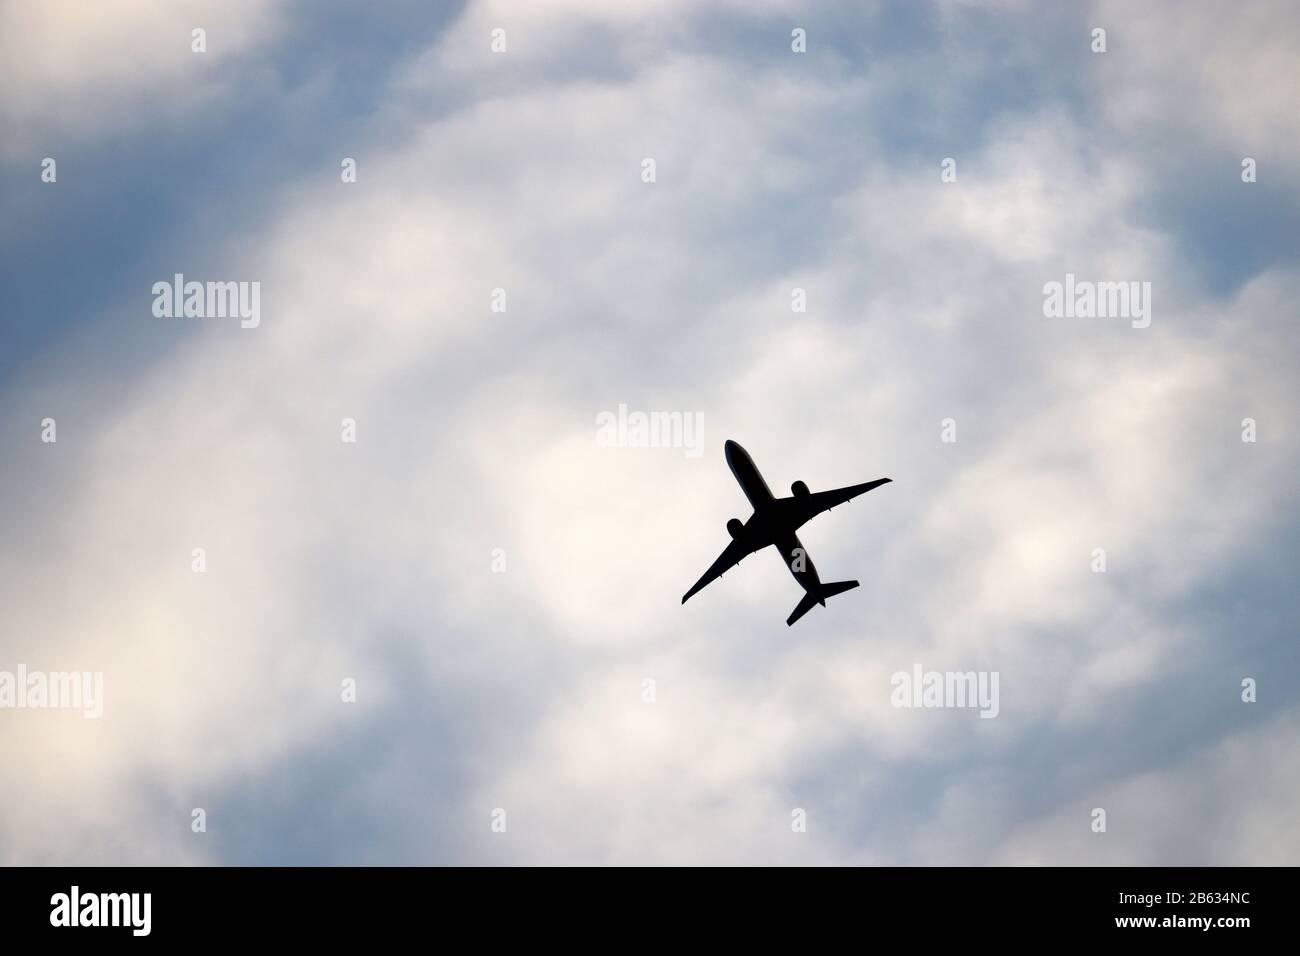 Avion volant dans le ciel bleu sur fond de nuages blancs. Silhouette d'un avion commercial pendant le concept de montée, de voyage et de turbulence Banque D'Images